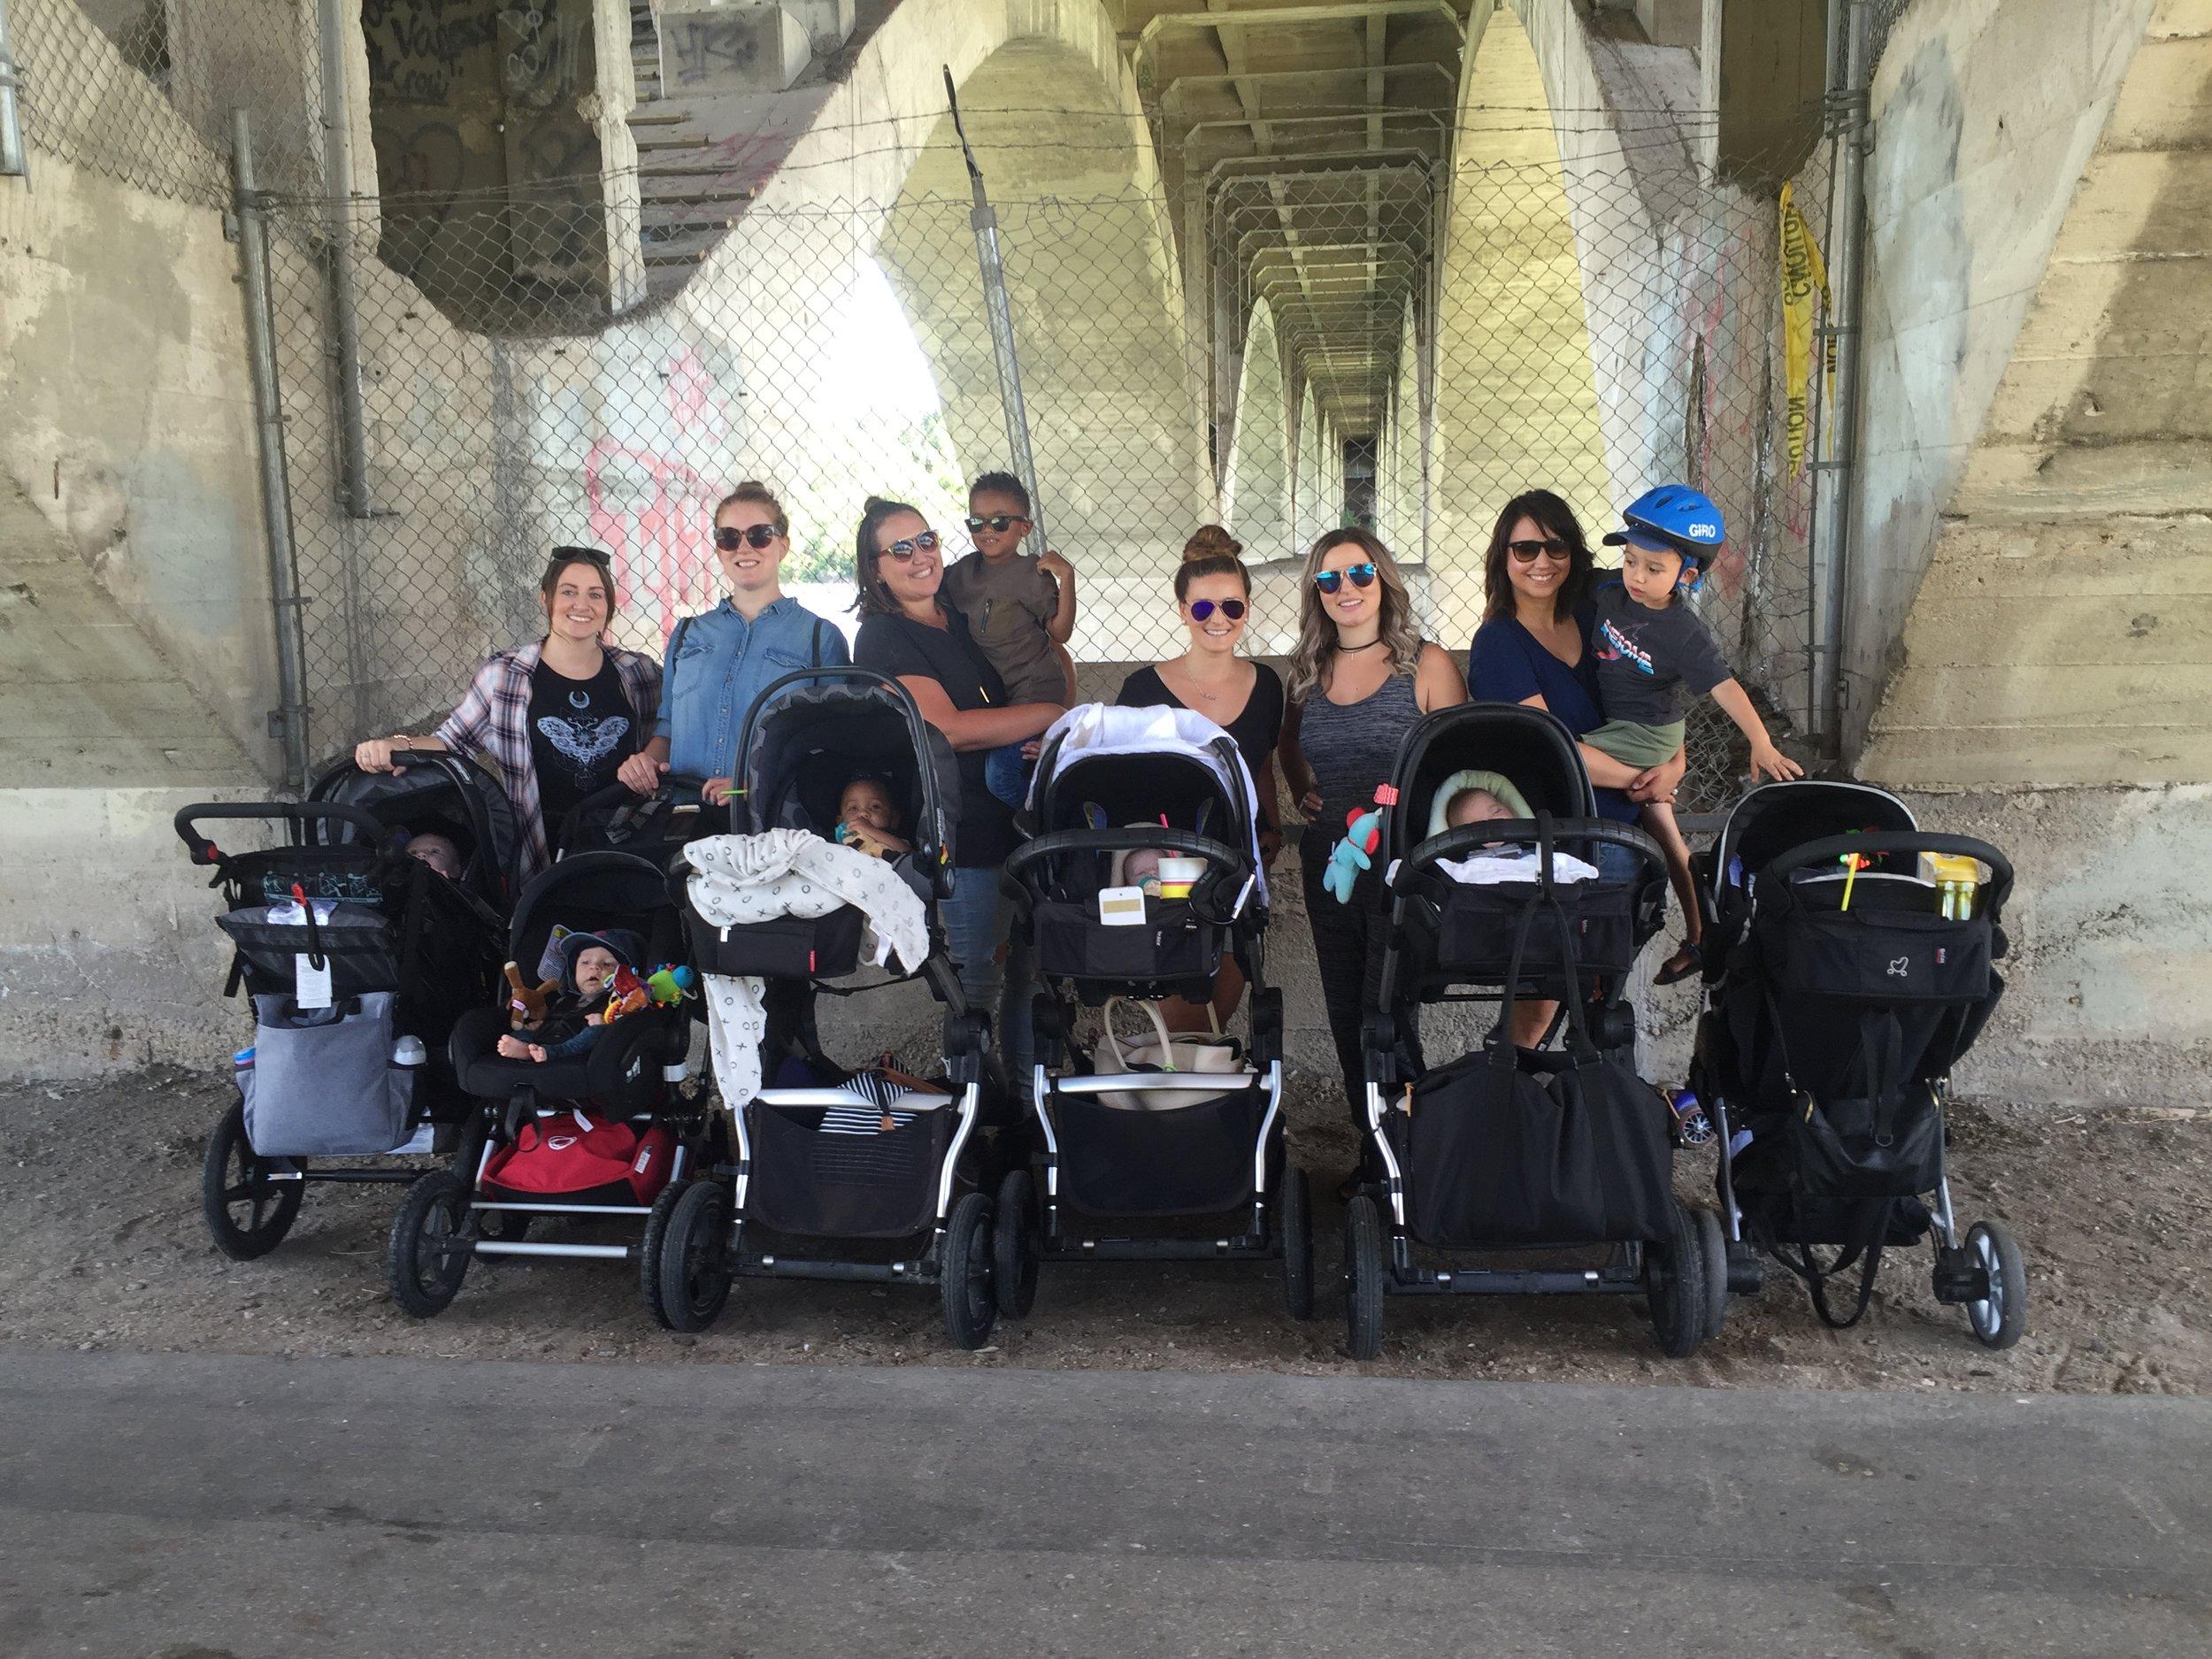 Stroller squad